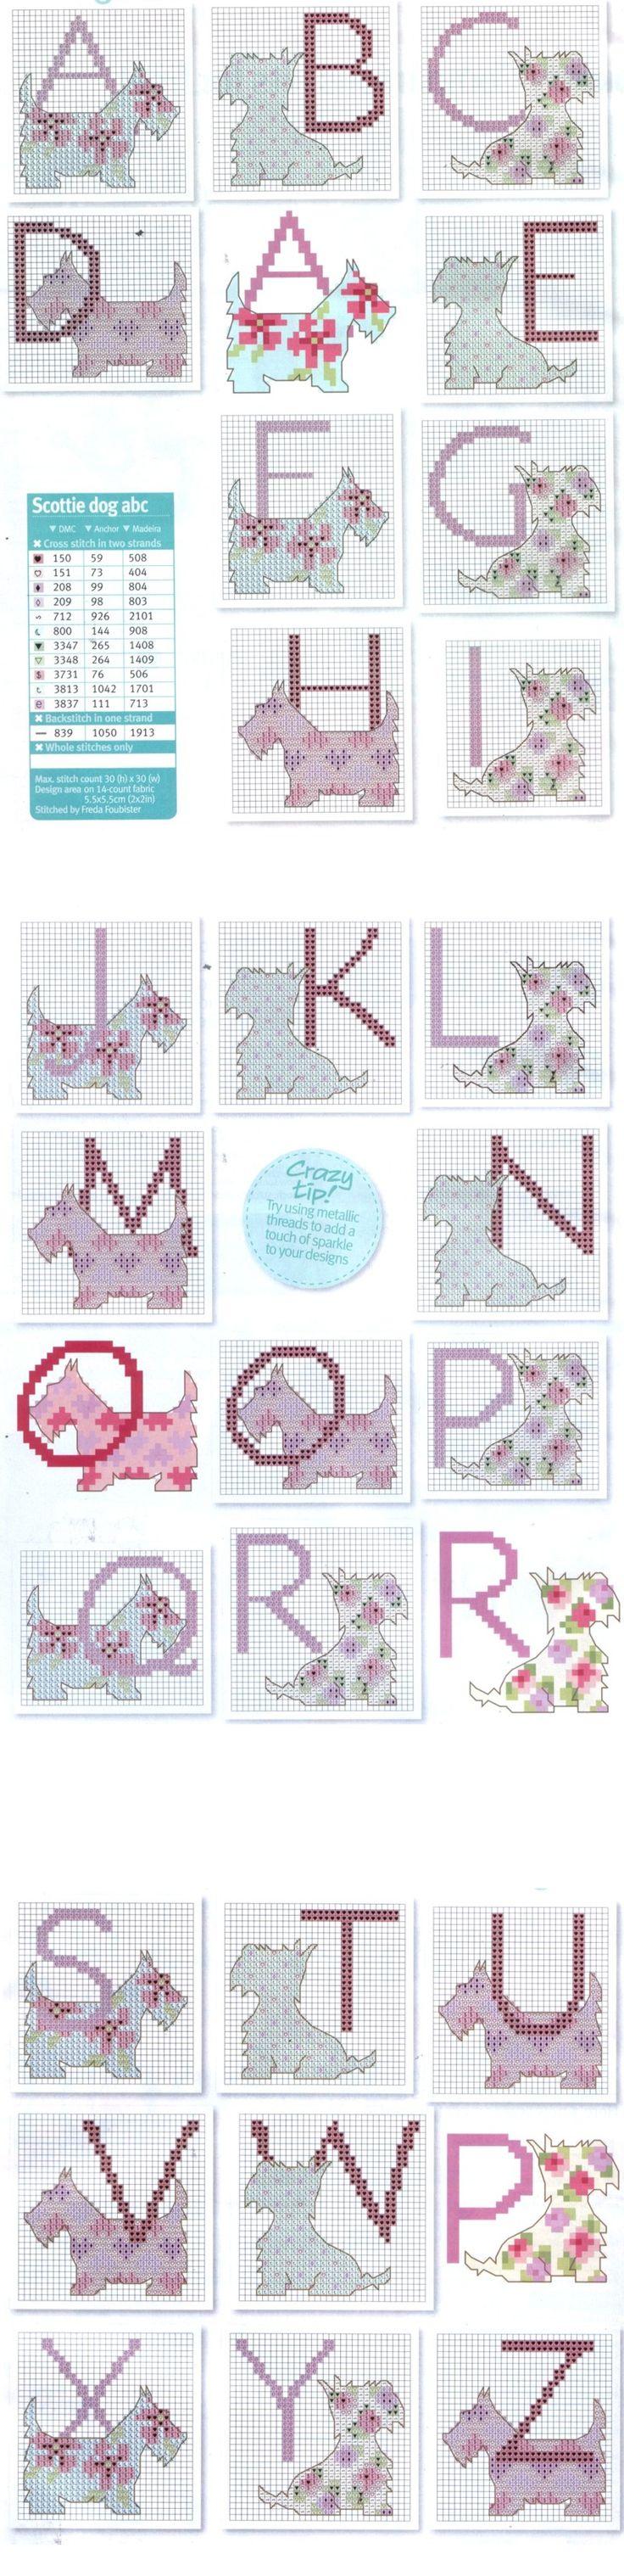 borduren letters